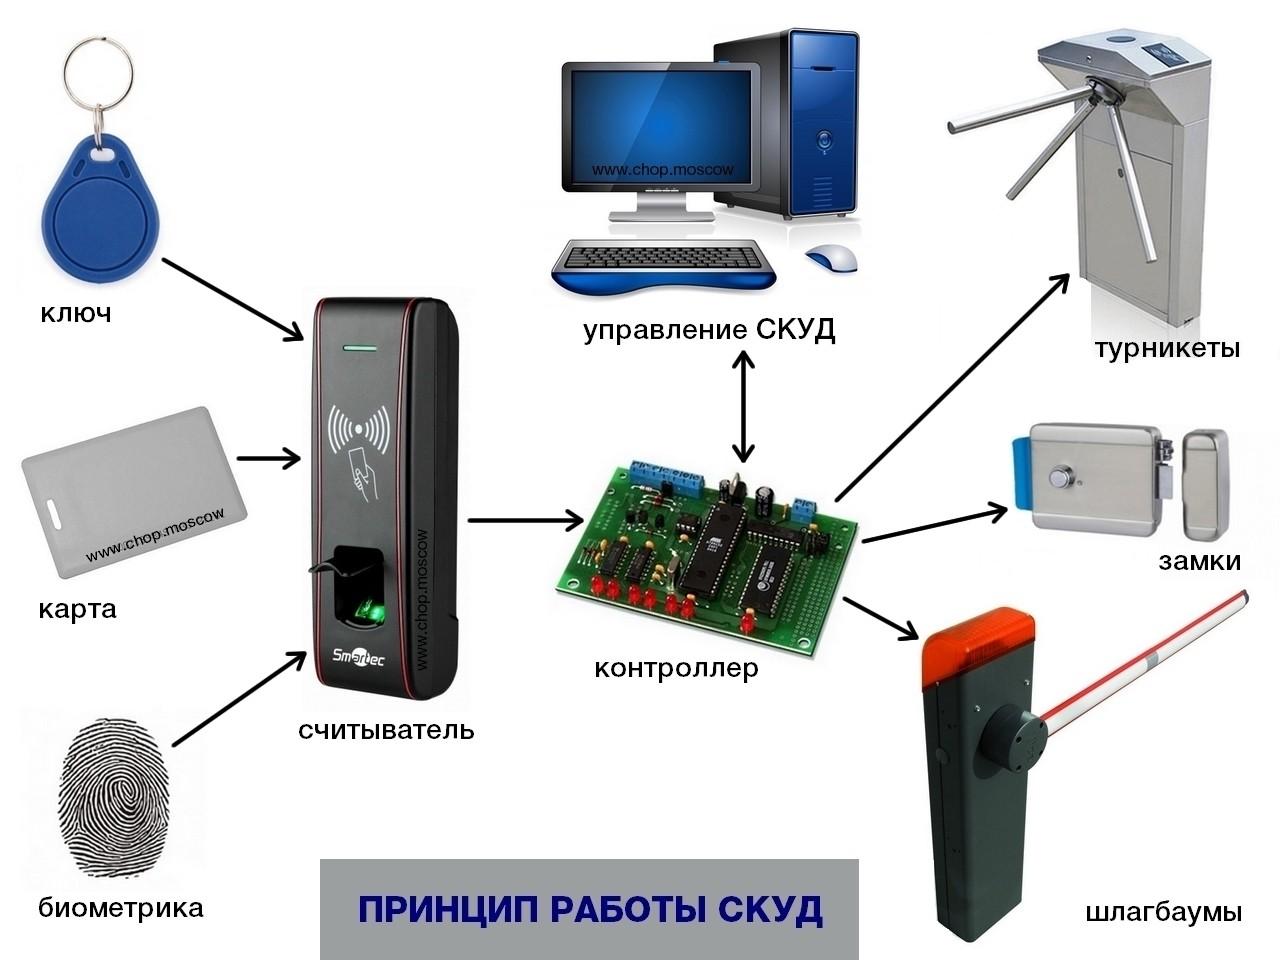 Что такое СКУД? Разбираемся в системе контроля и управления доступом!